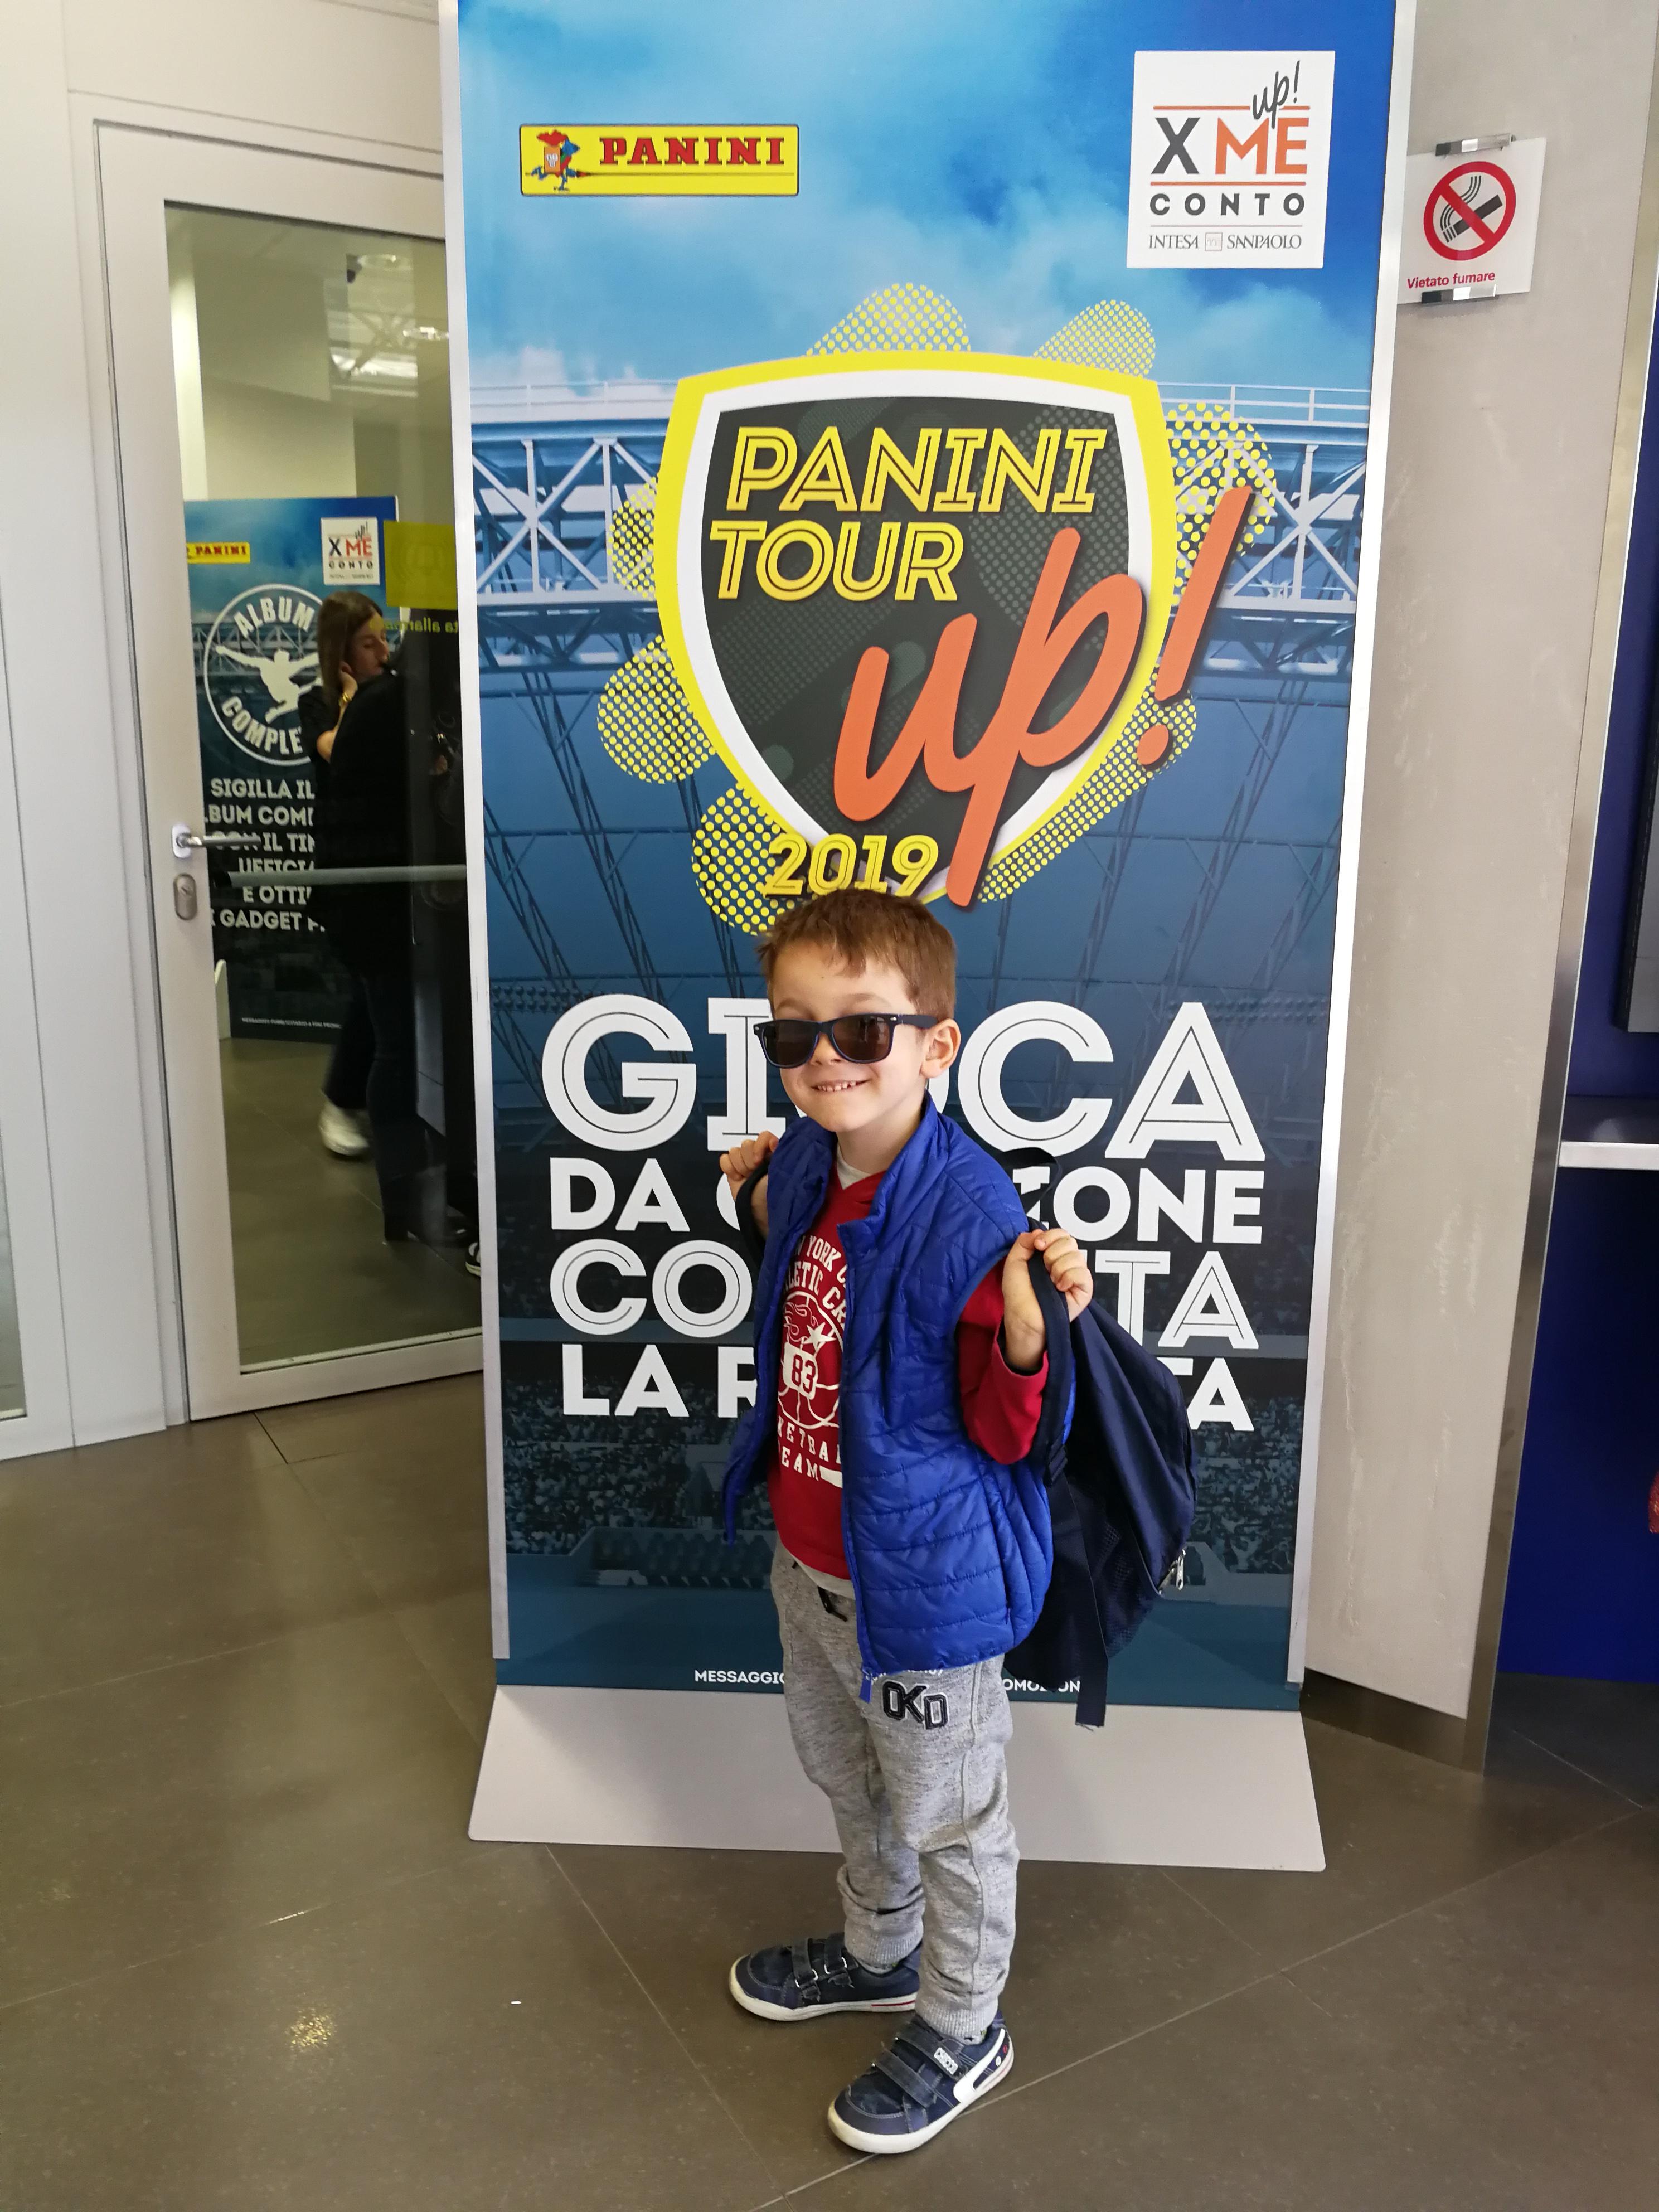 Panini tour up 2019